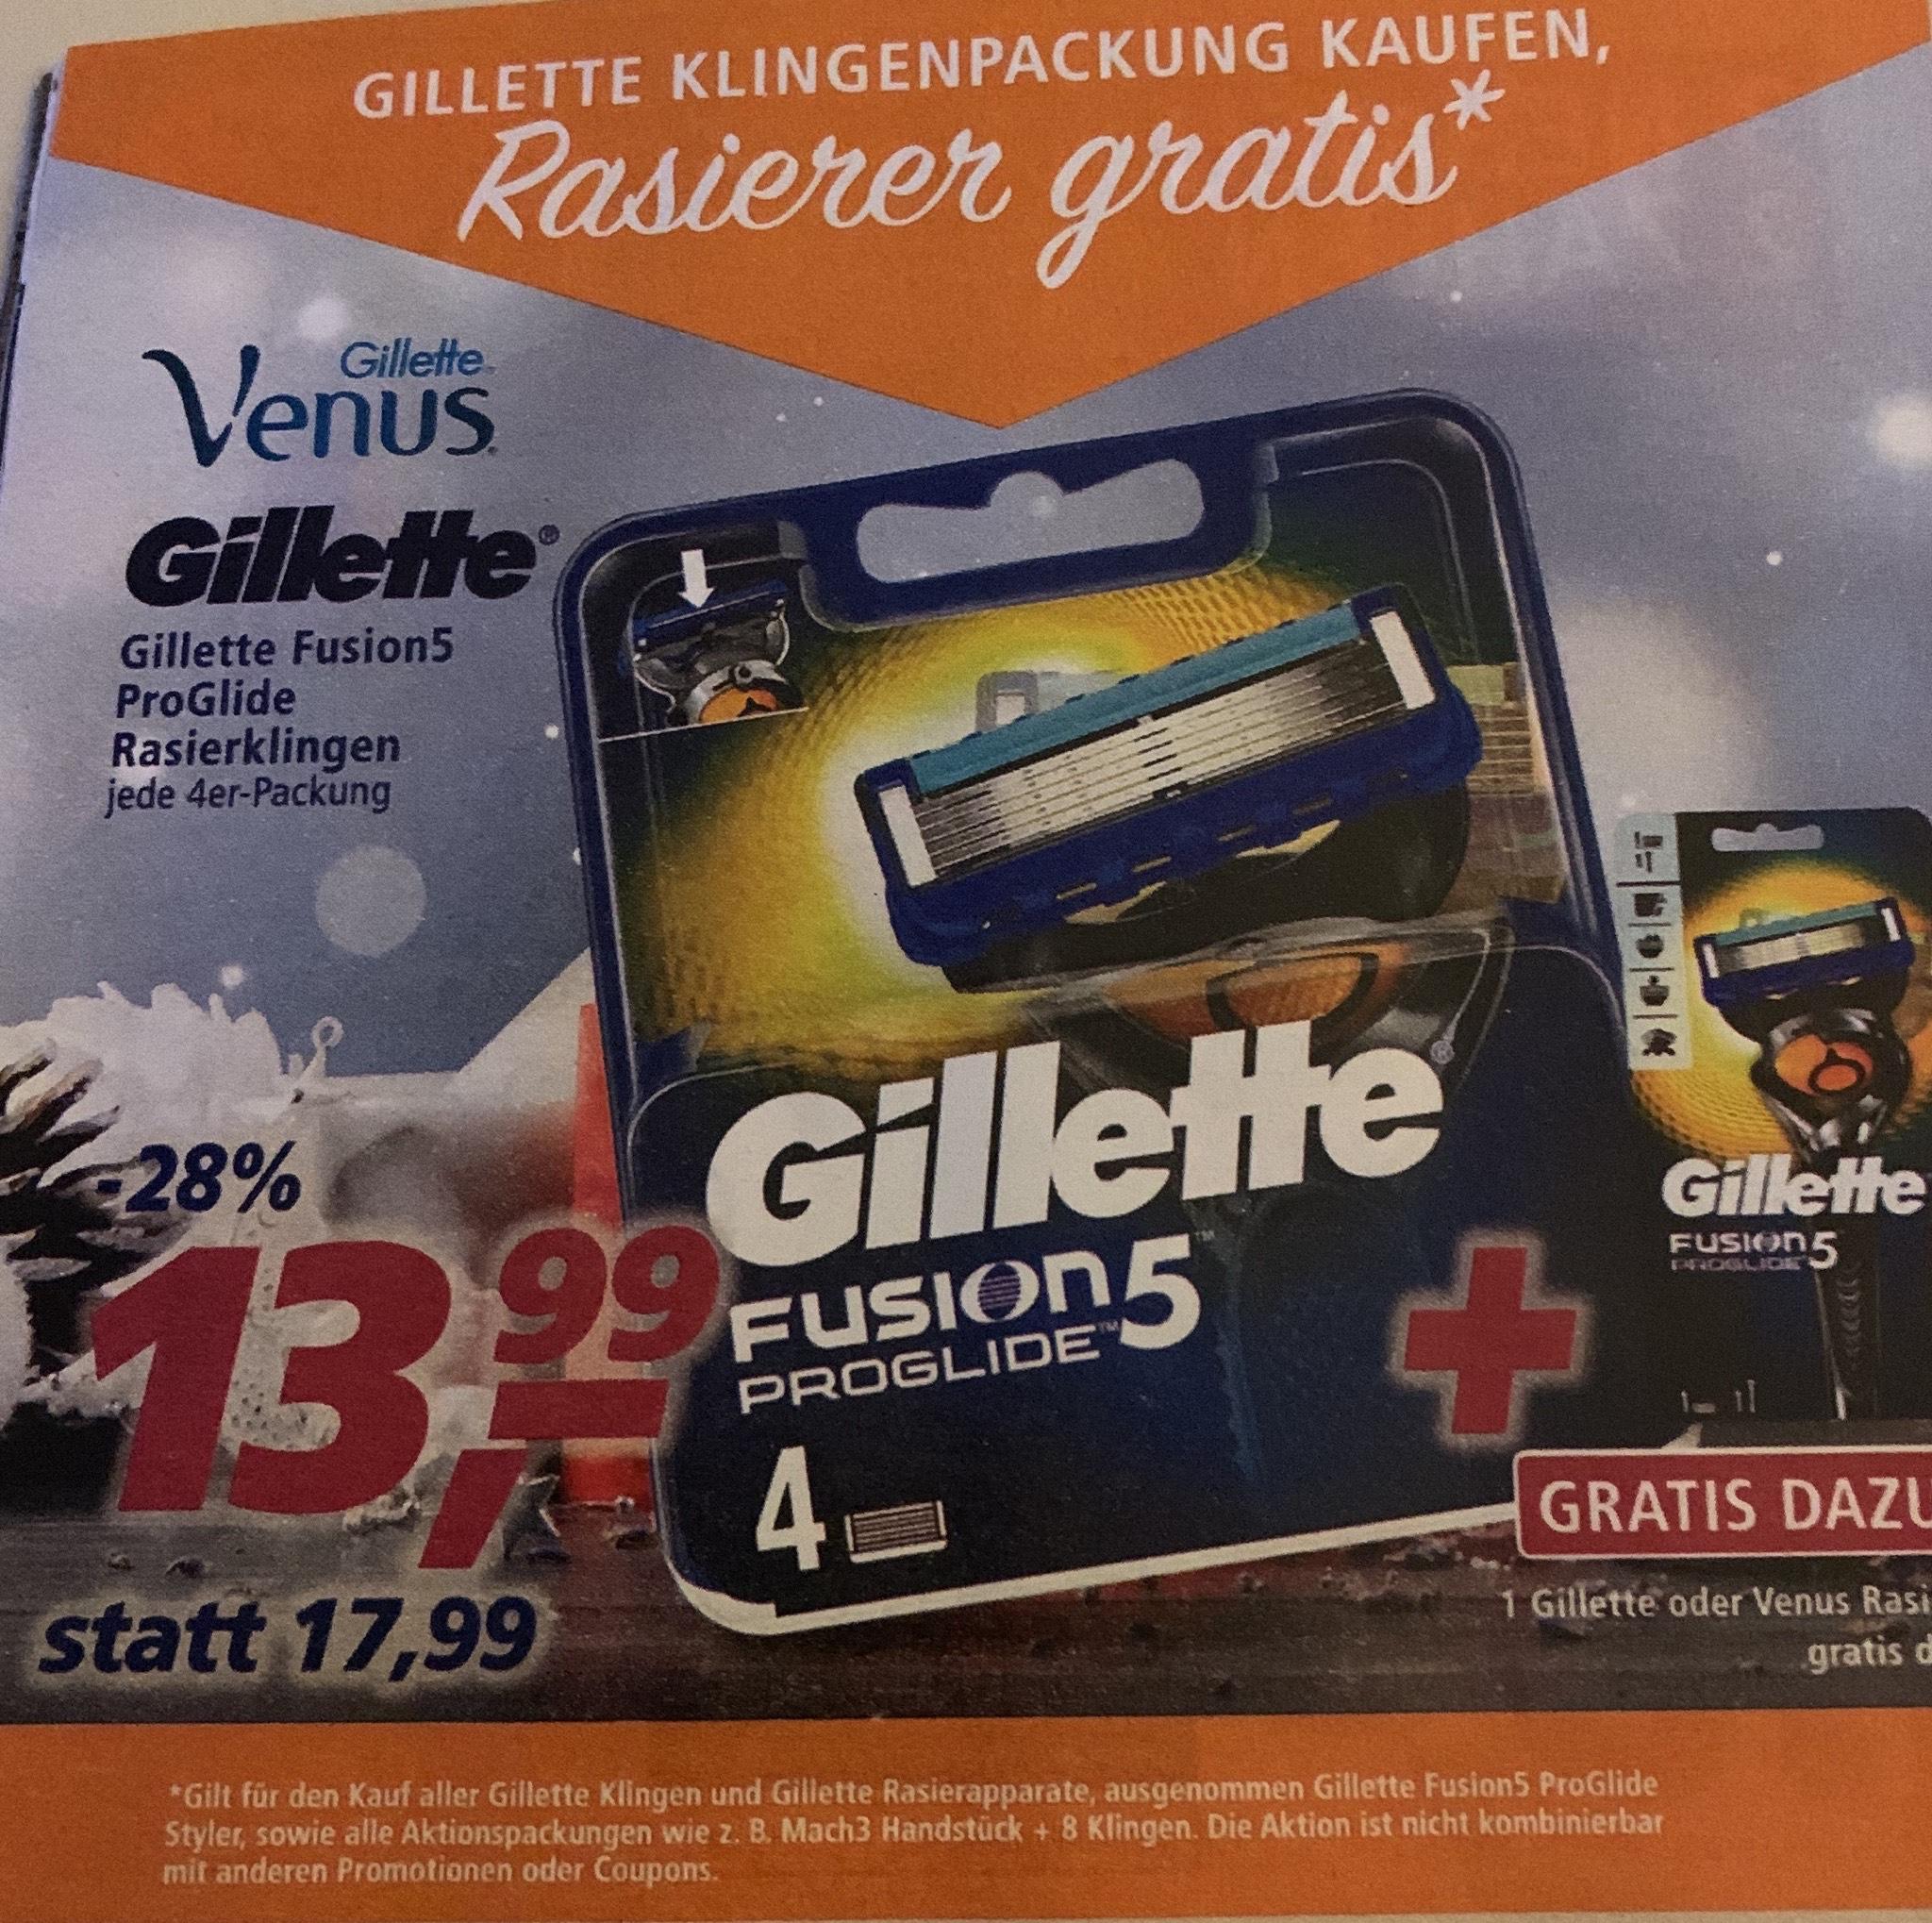 Gillette Fusion 5 Proglide + Handstück bei Real